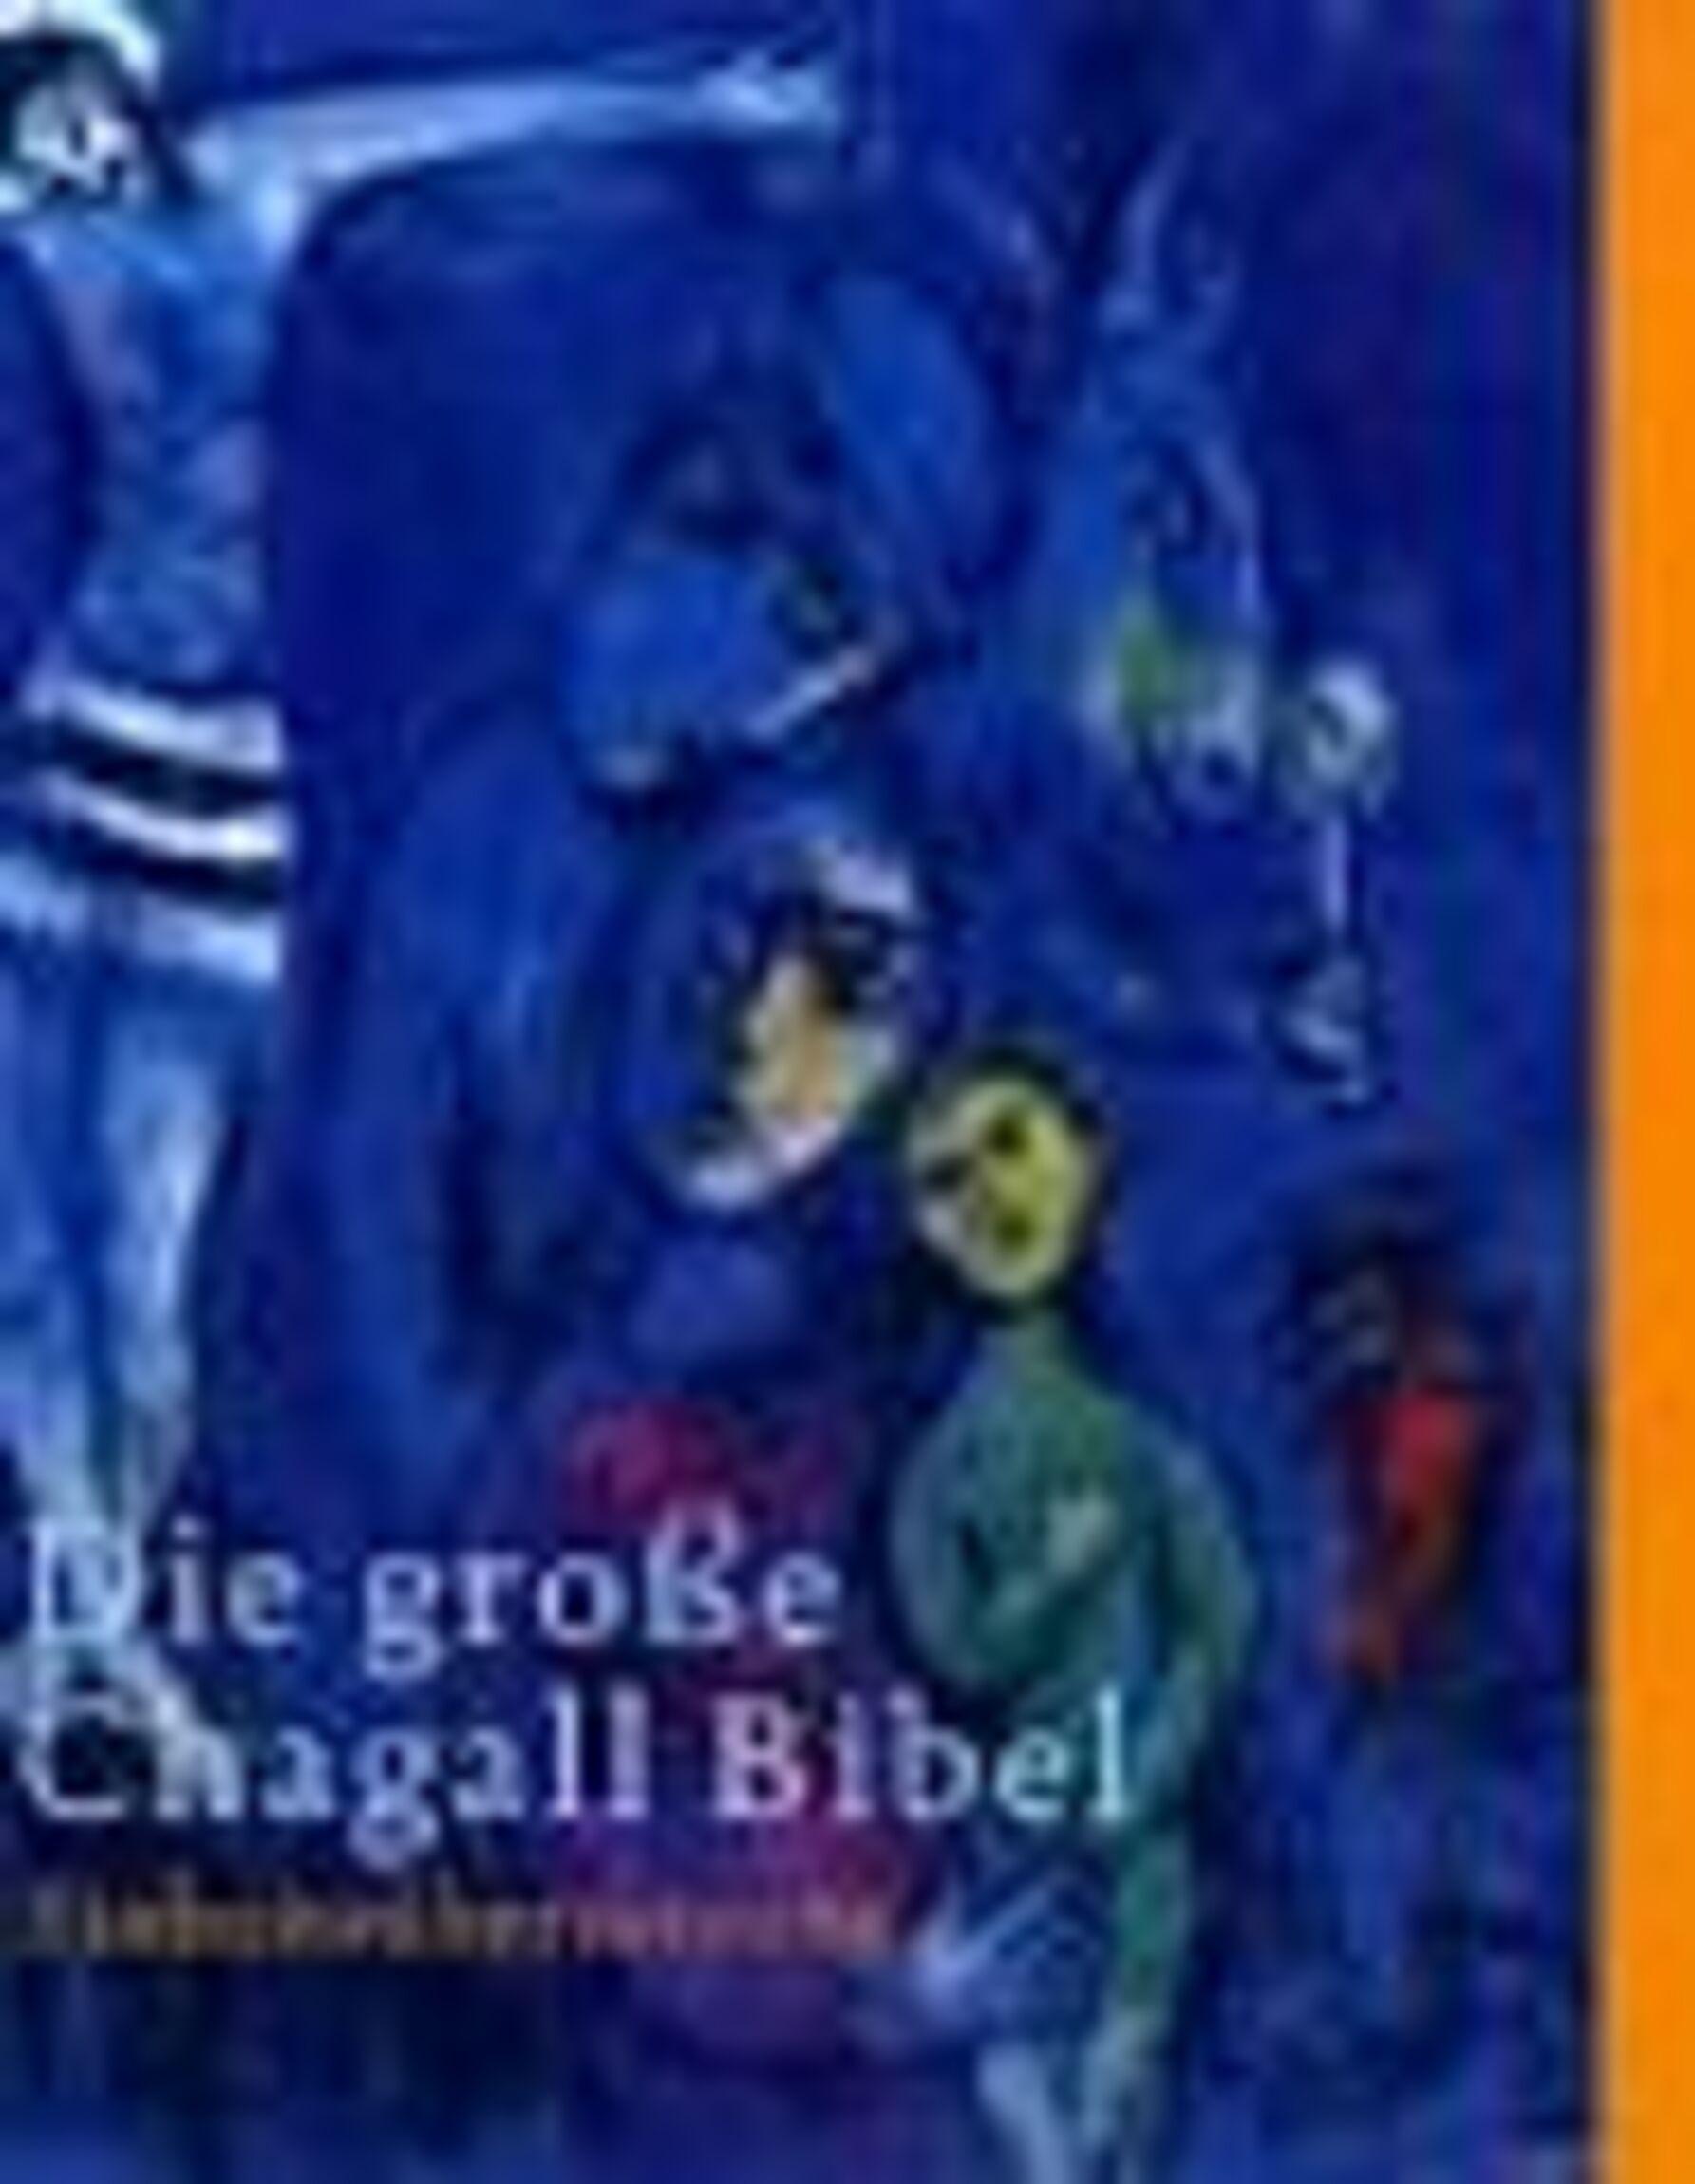 Bild 3 Chagall Bibel